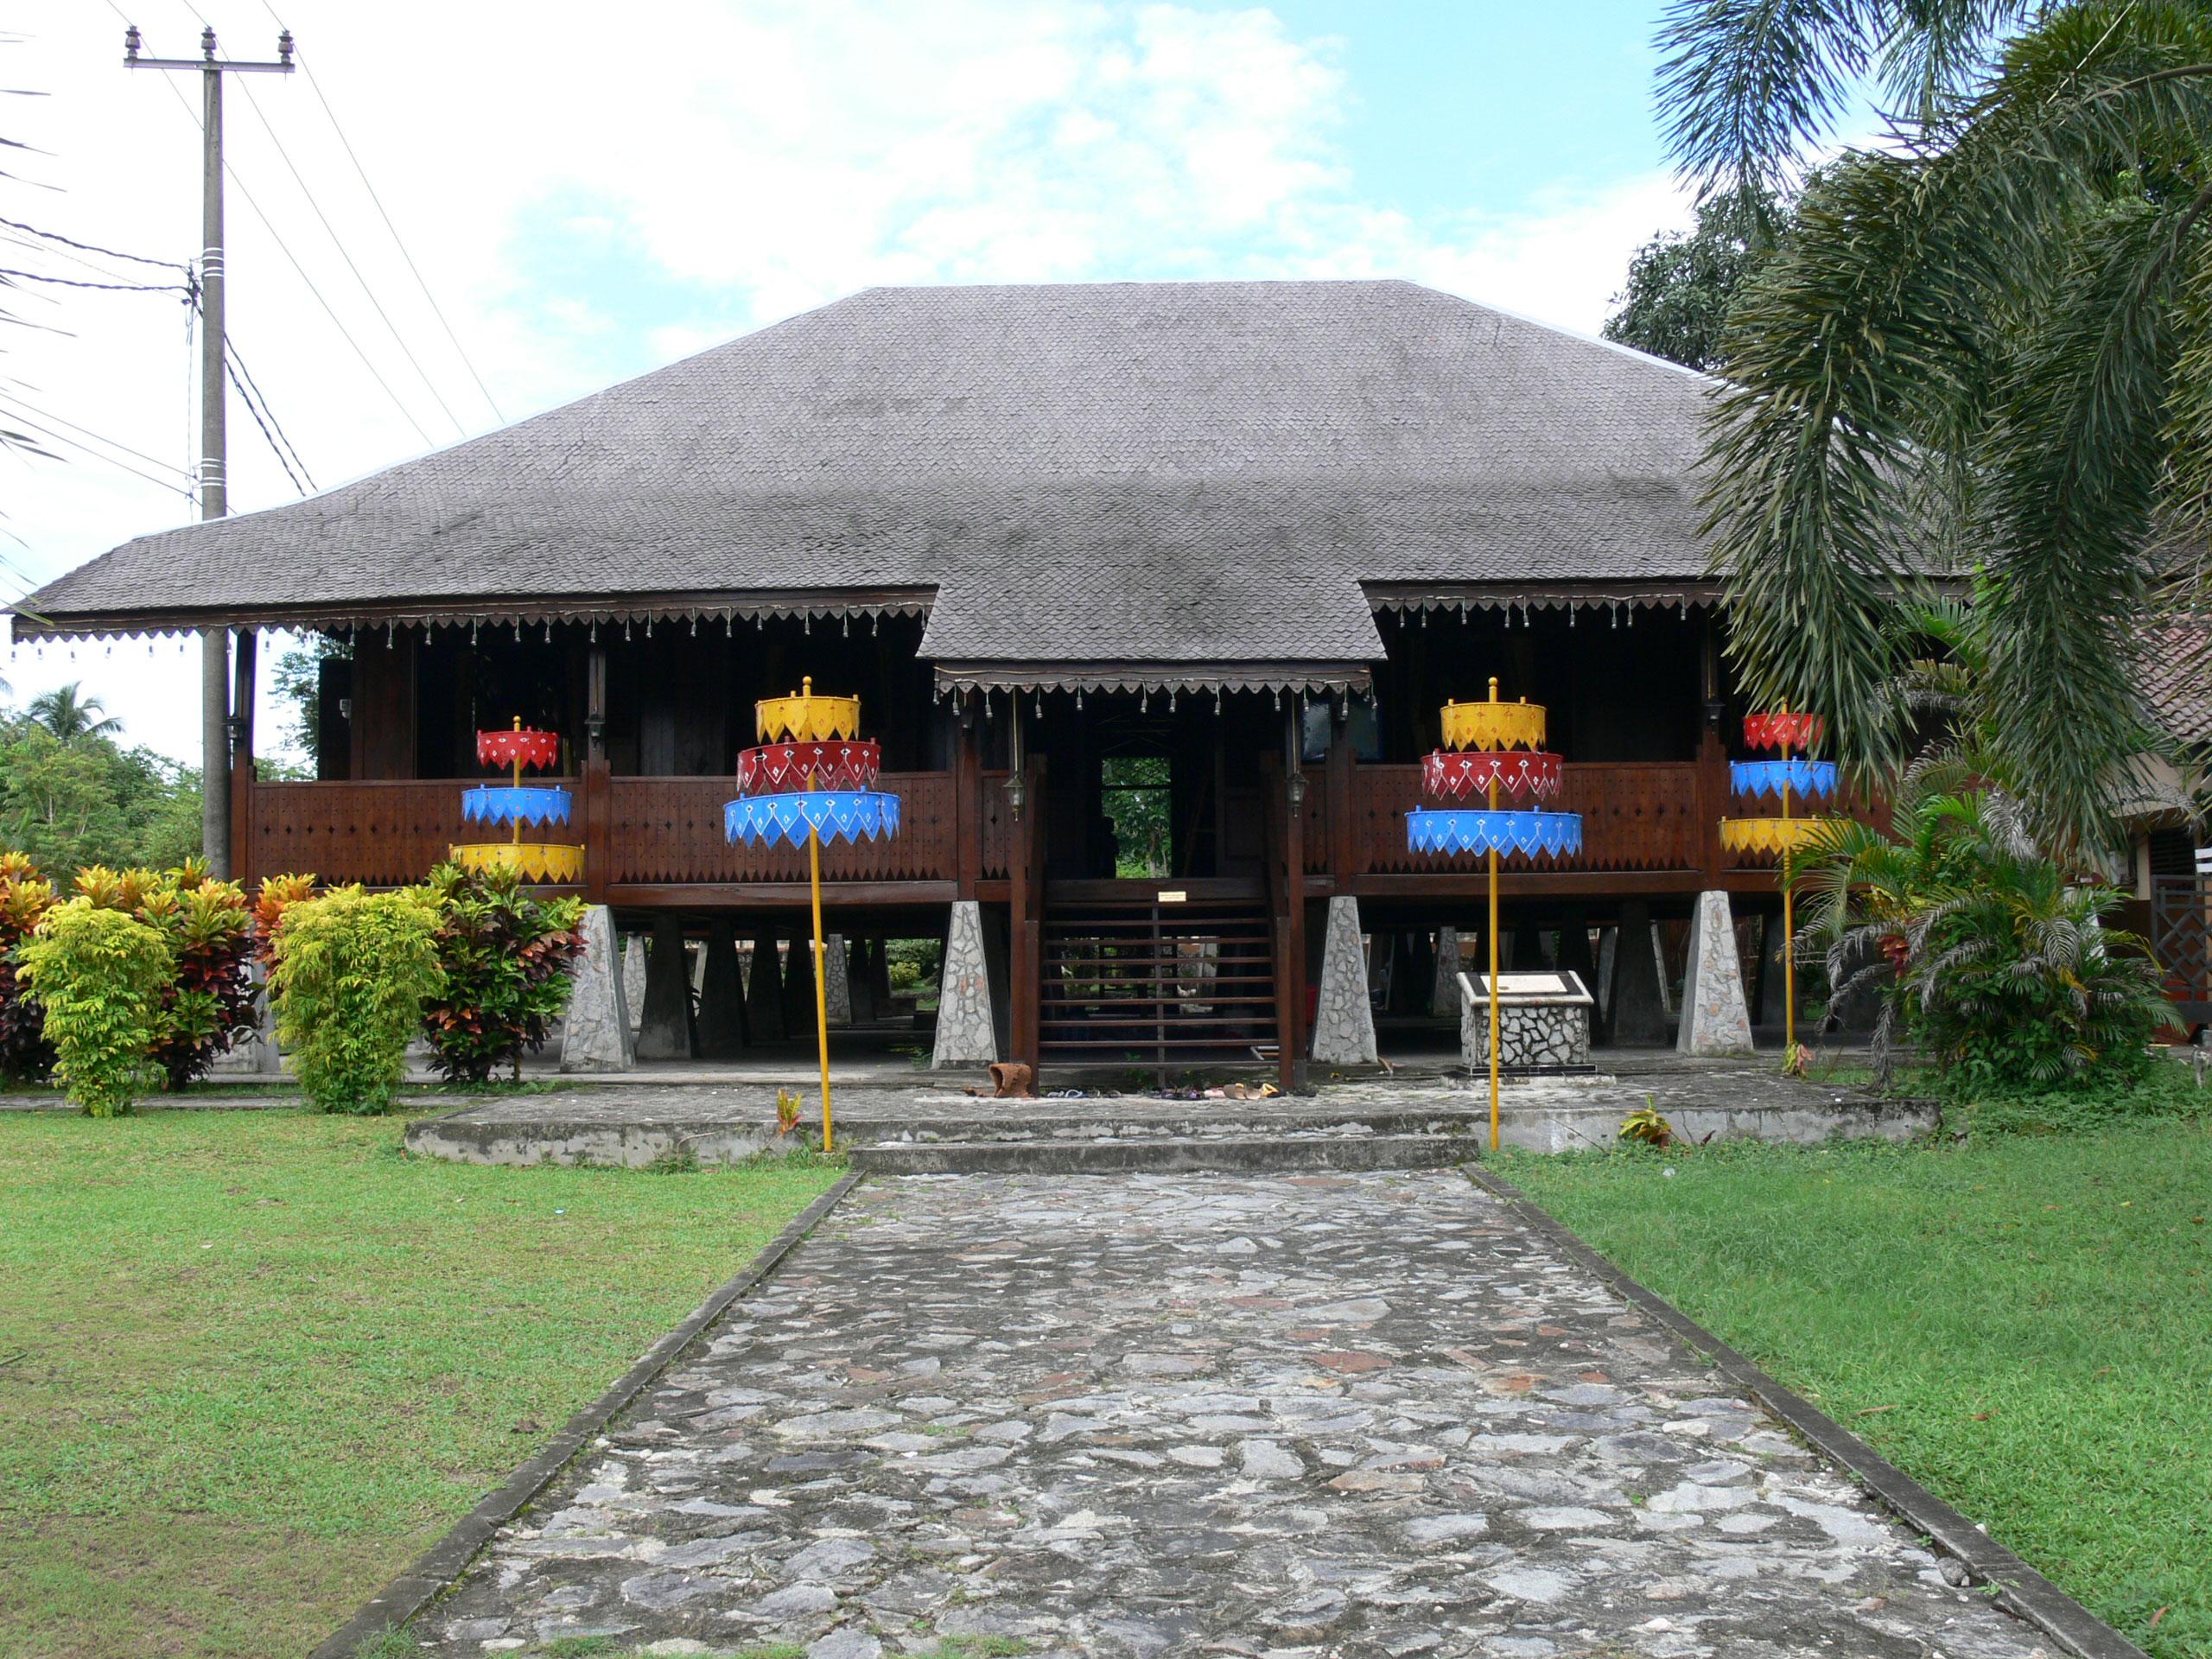 rumah-adat-Tanjung Pandan Belitung Indonésie